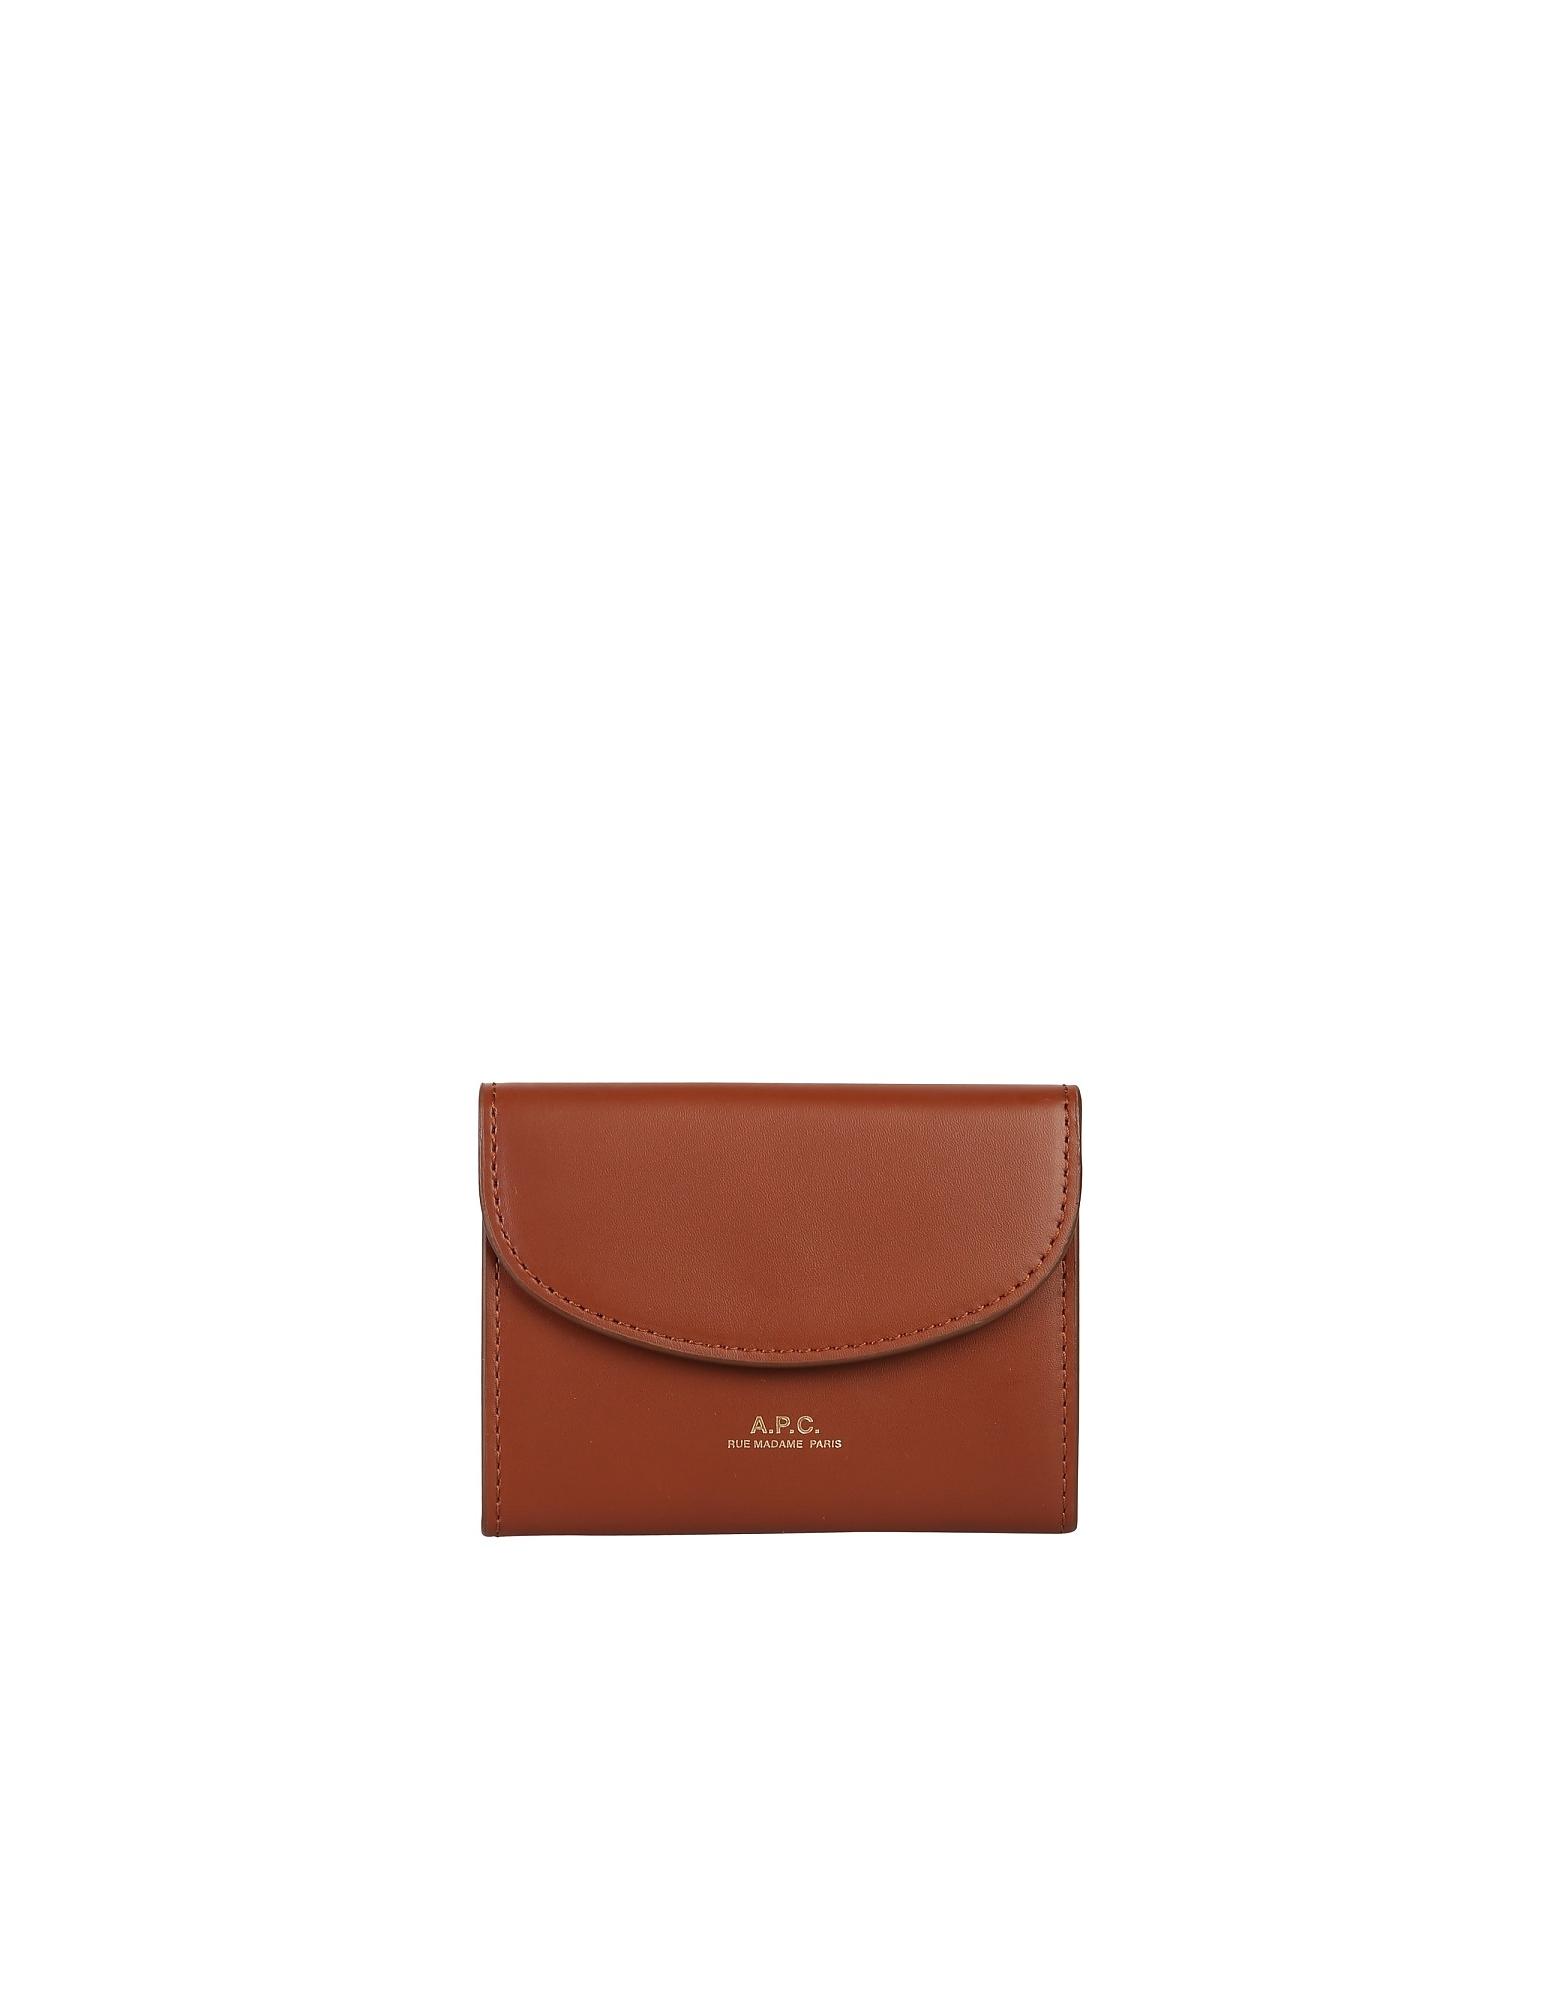 A.P.C. Designer Wallets, Genève Card Holder